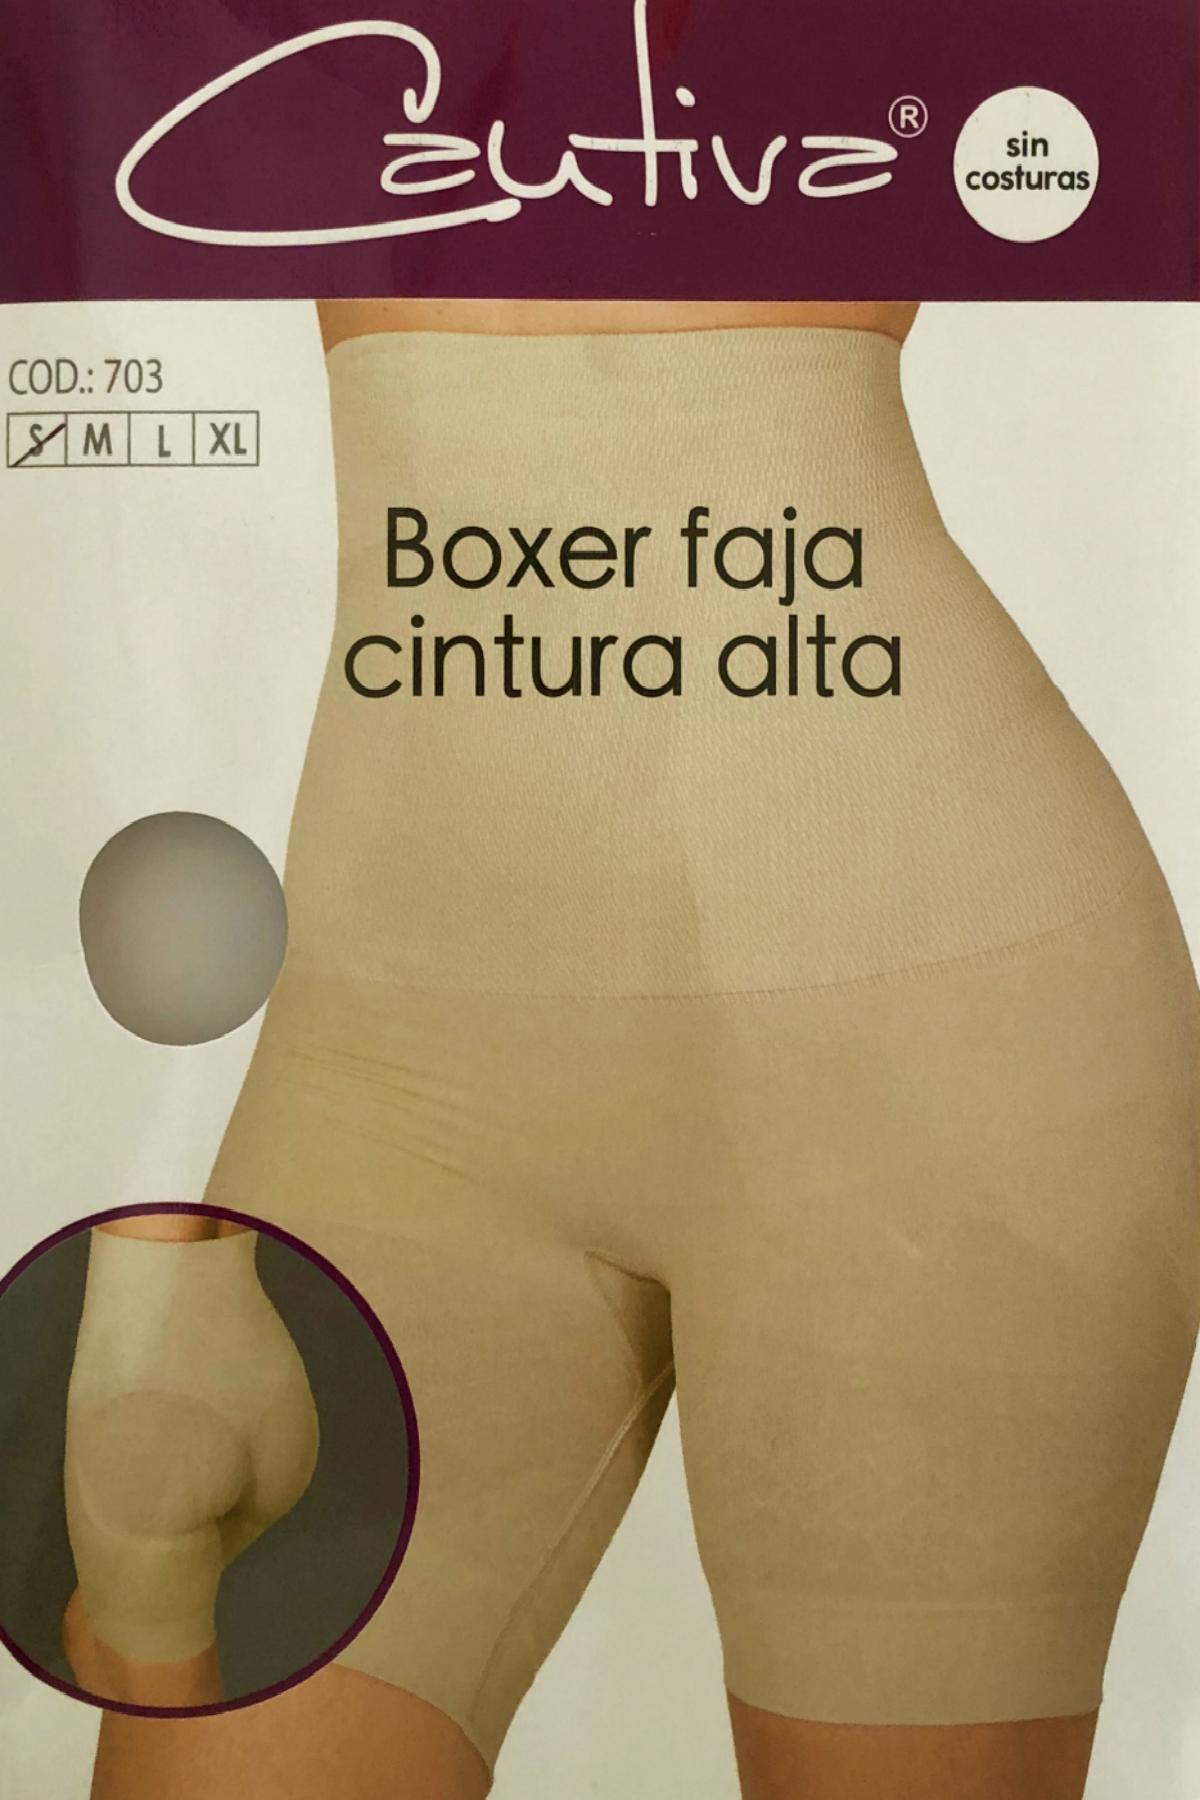 Boxer faja cintura alta -Controla el adbomen y estiliza la figura -Levanta y reafirma los gluteos -Sin costura en tejidos y ofrece comodidad -Algodón en la zona íntima Composición 89% poliamida 8% elastano 3% algodón